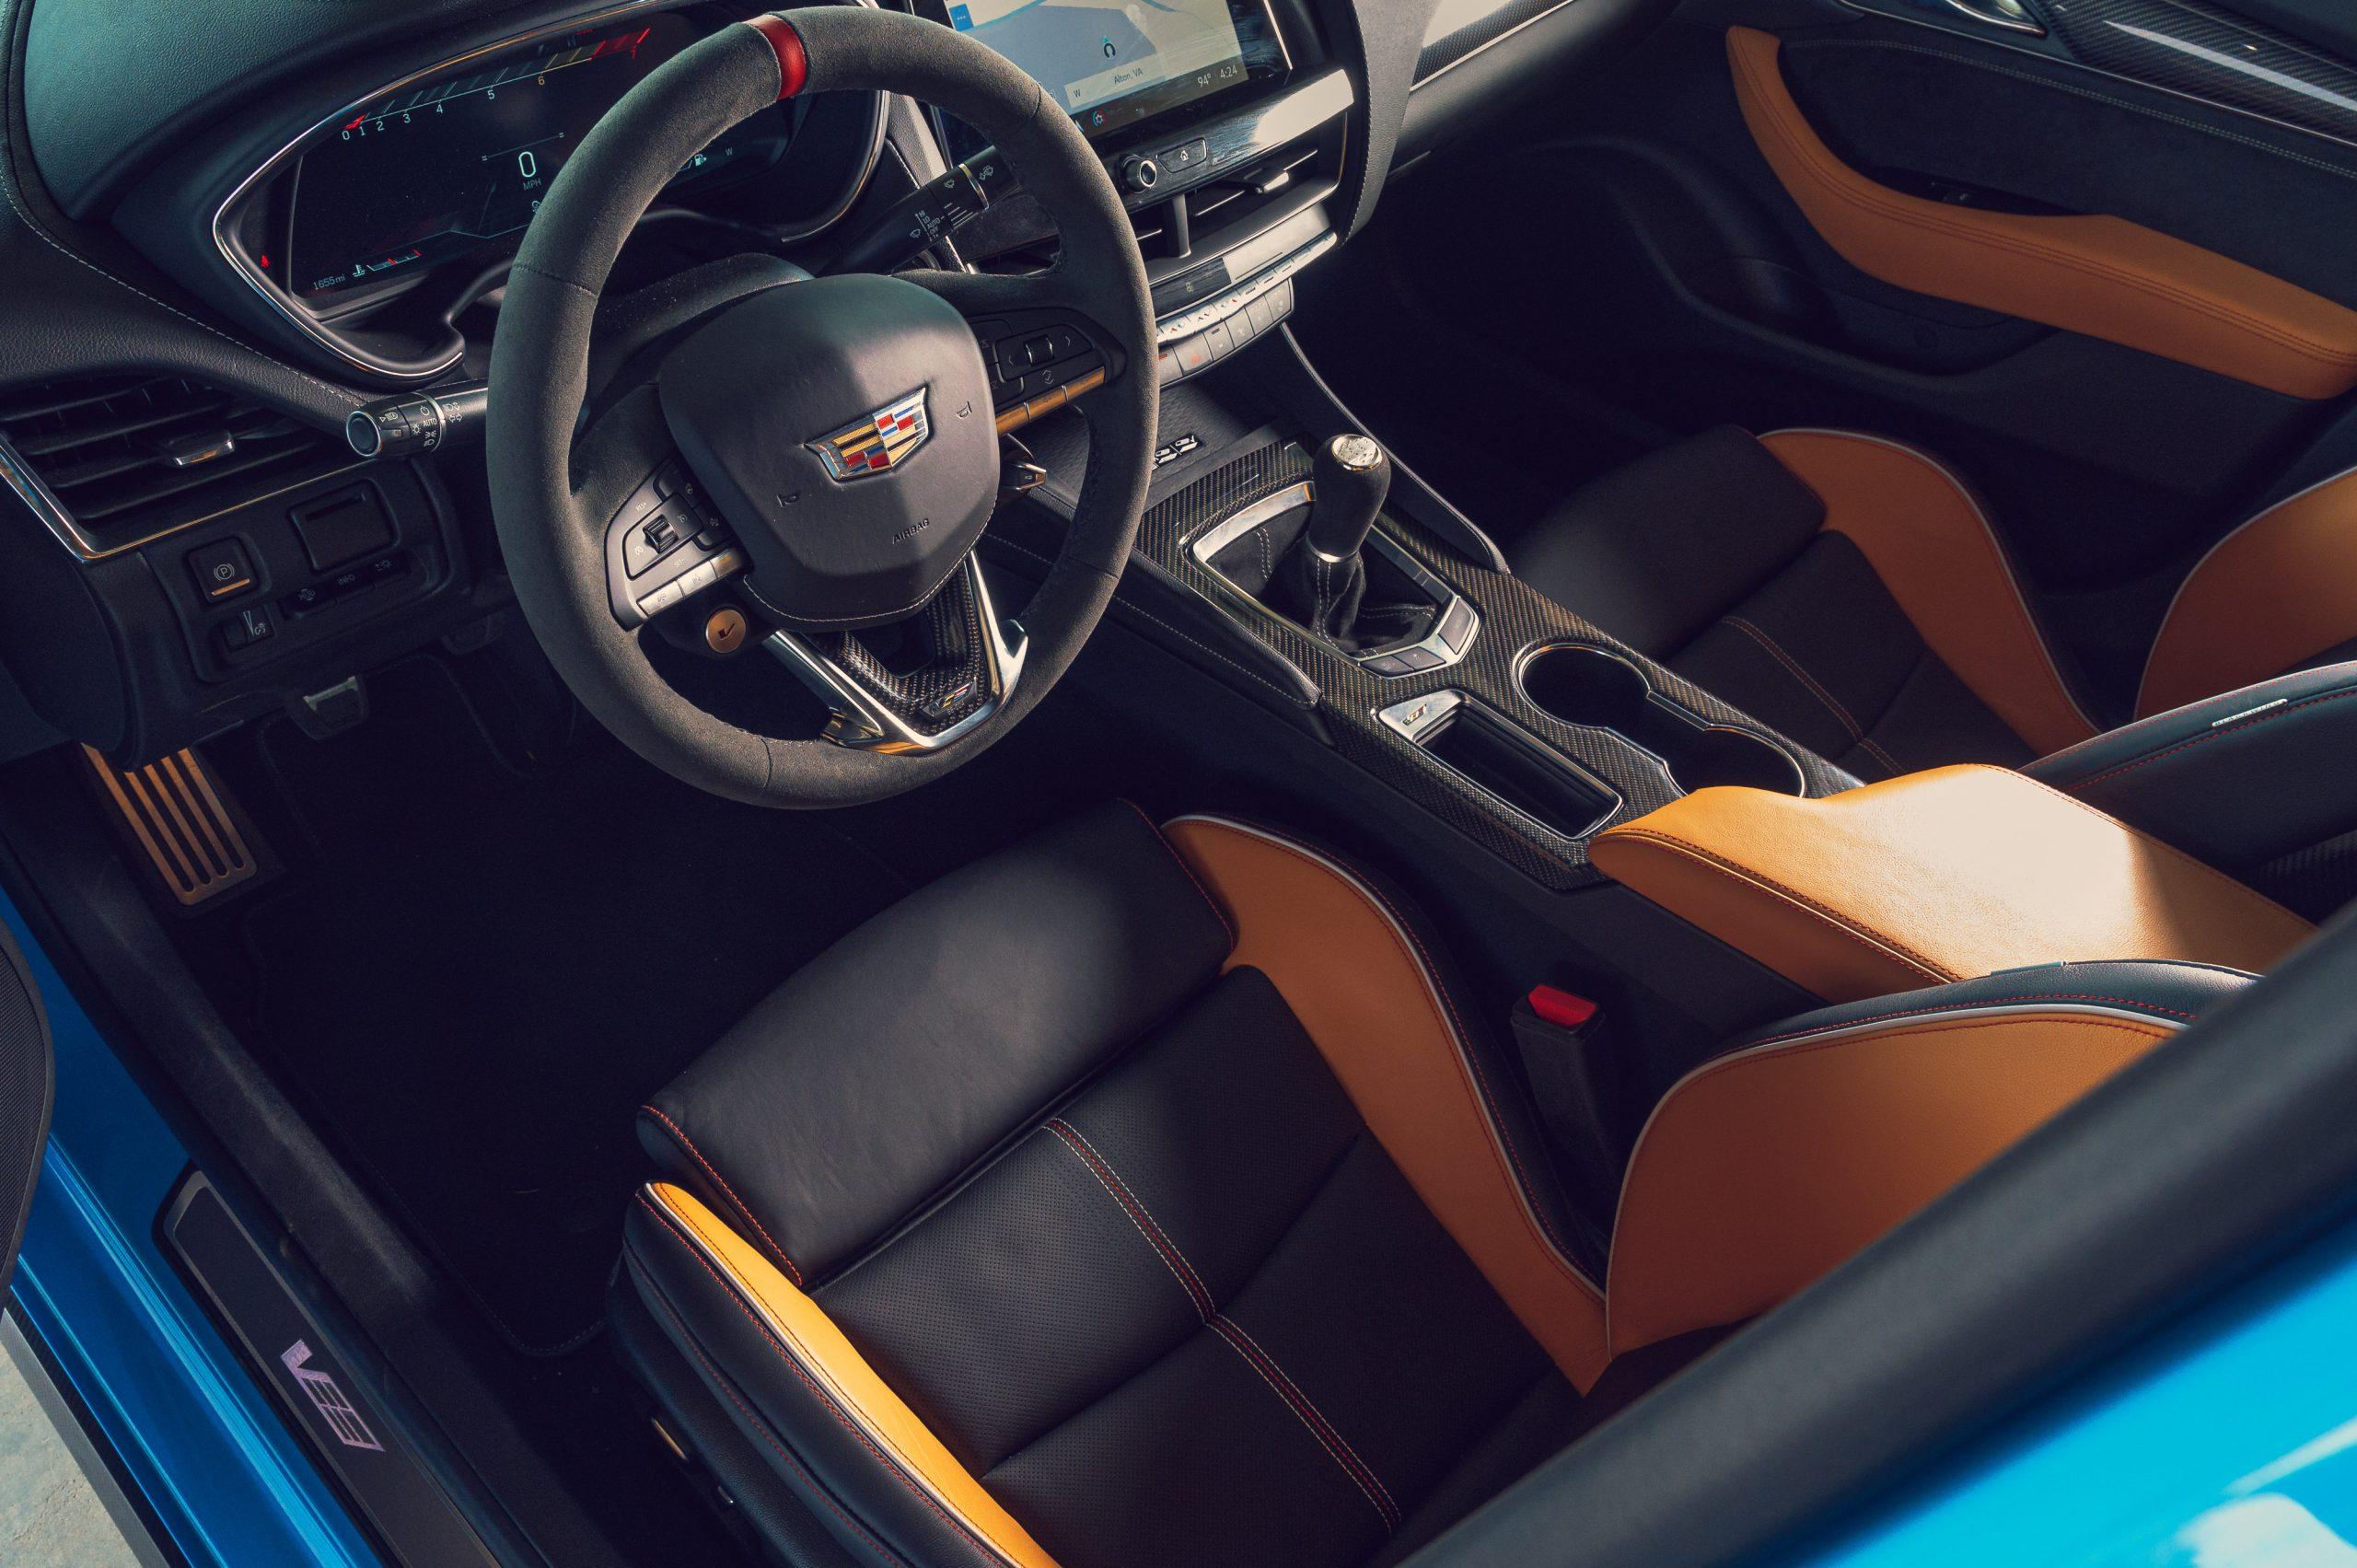 2022 Cadillac CT5-V Blackwing interior